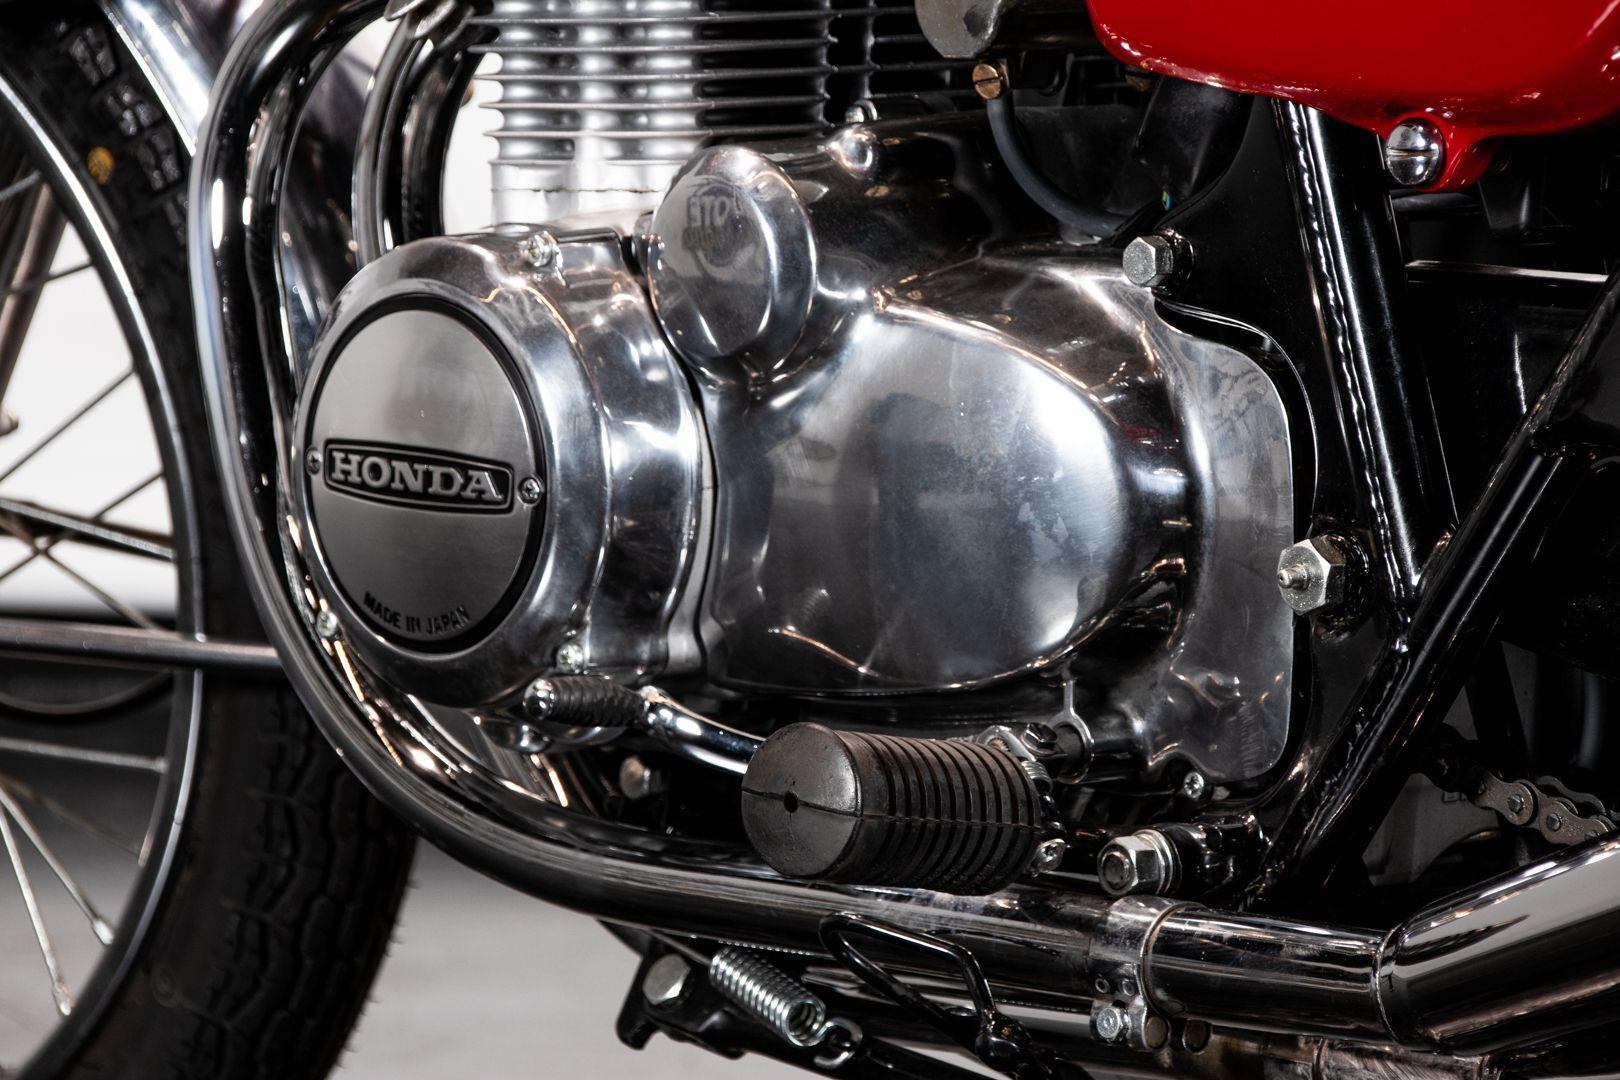 1973 Honda CB 350 Four 73288